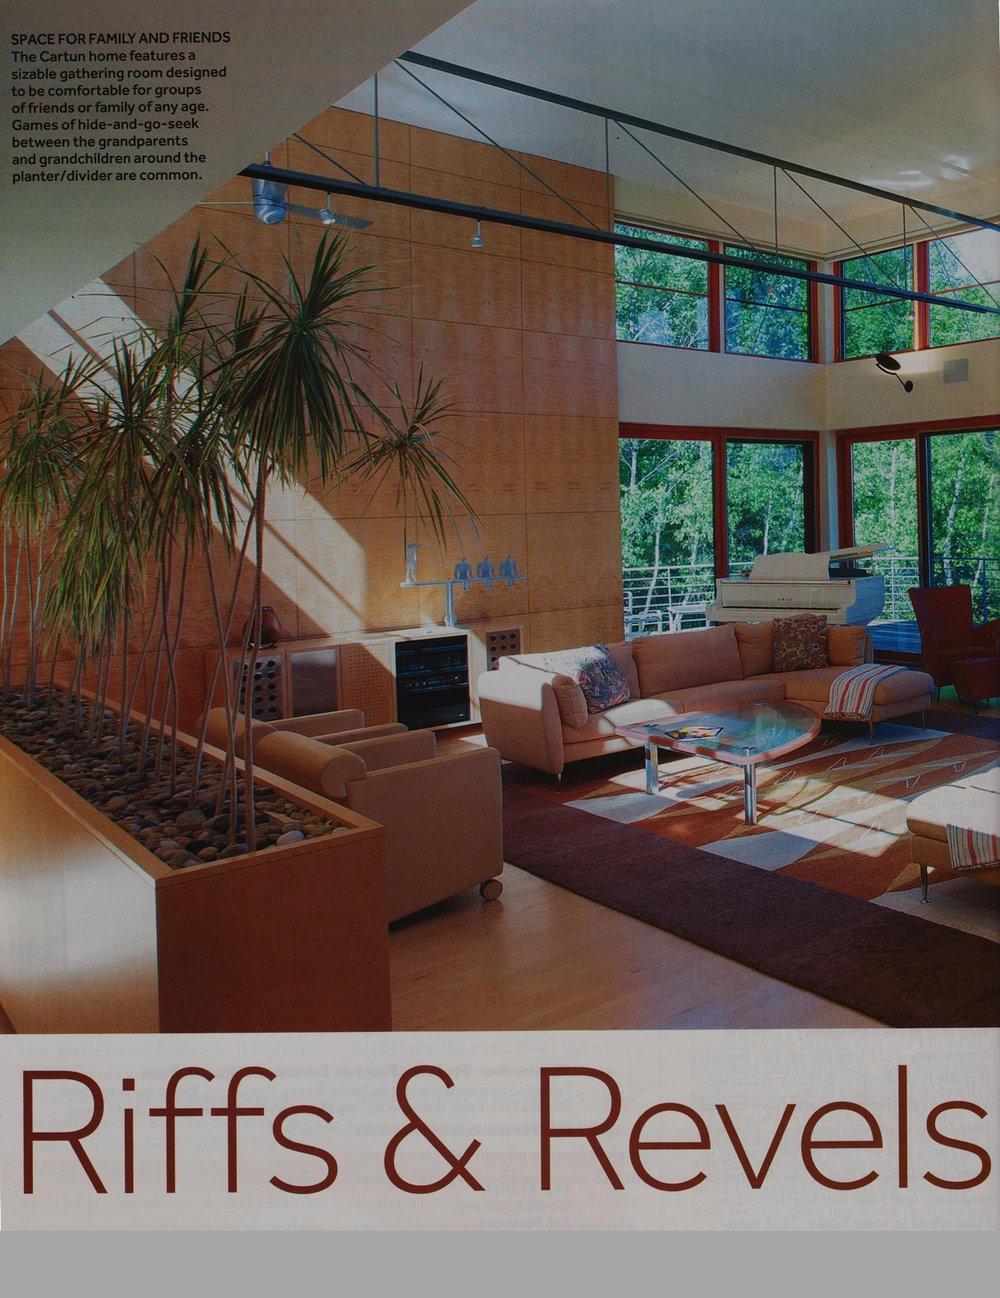 Riffs & Revels.jpg